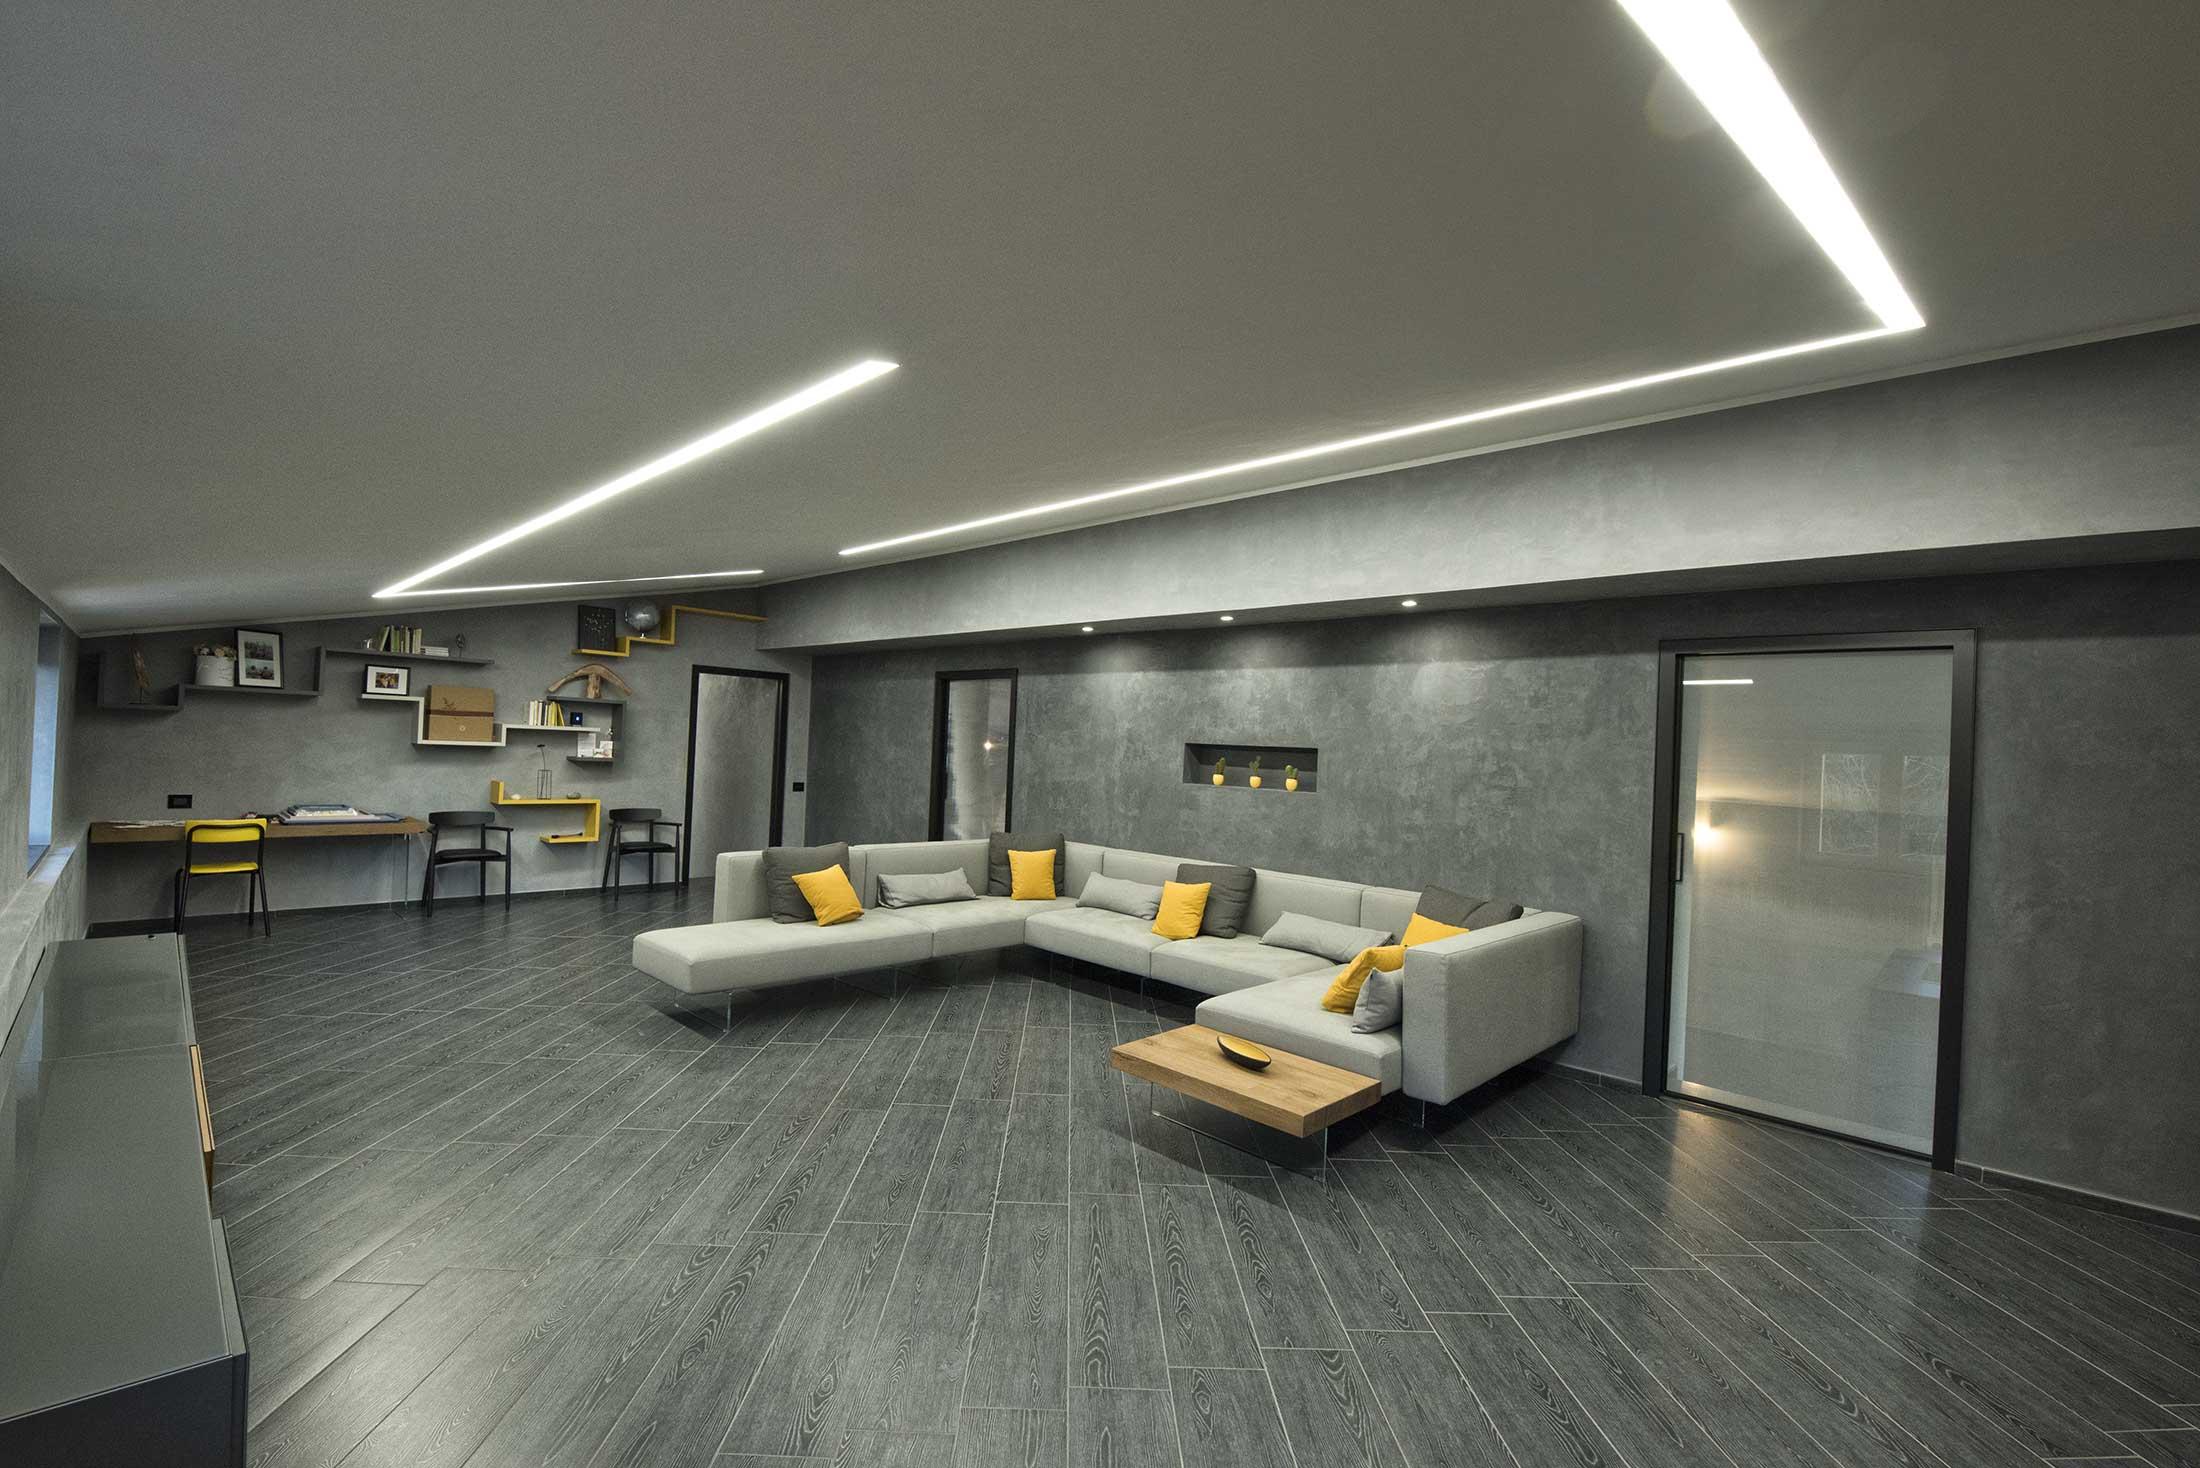 progetti-architettura-design-Formia-Addessi-Design-progettazione (9)